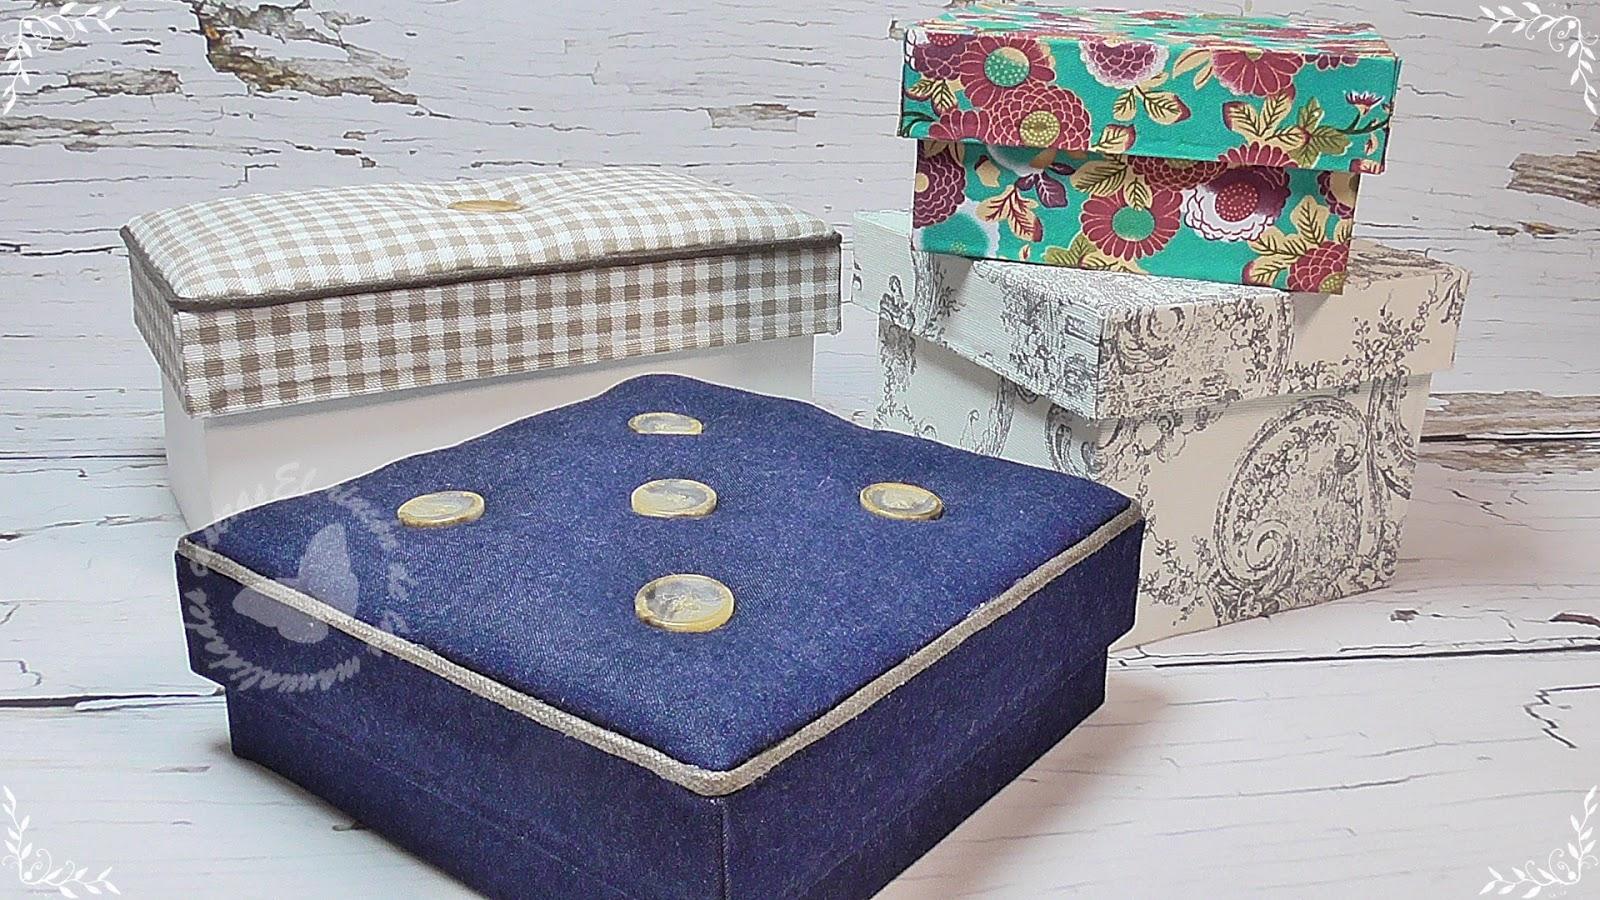 El rinc n de las manualidades caseras c mo hacer cajas - Cajas de carton decoradas ...